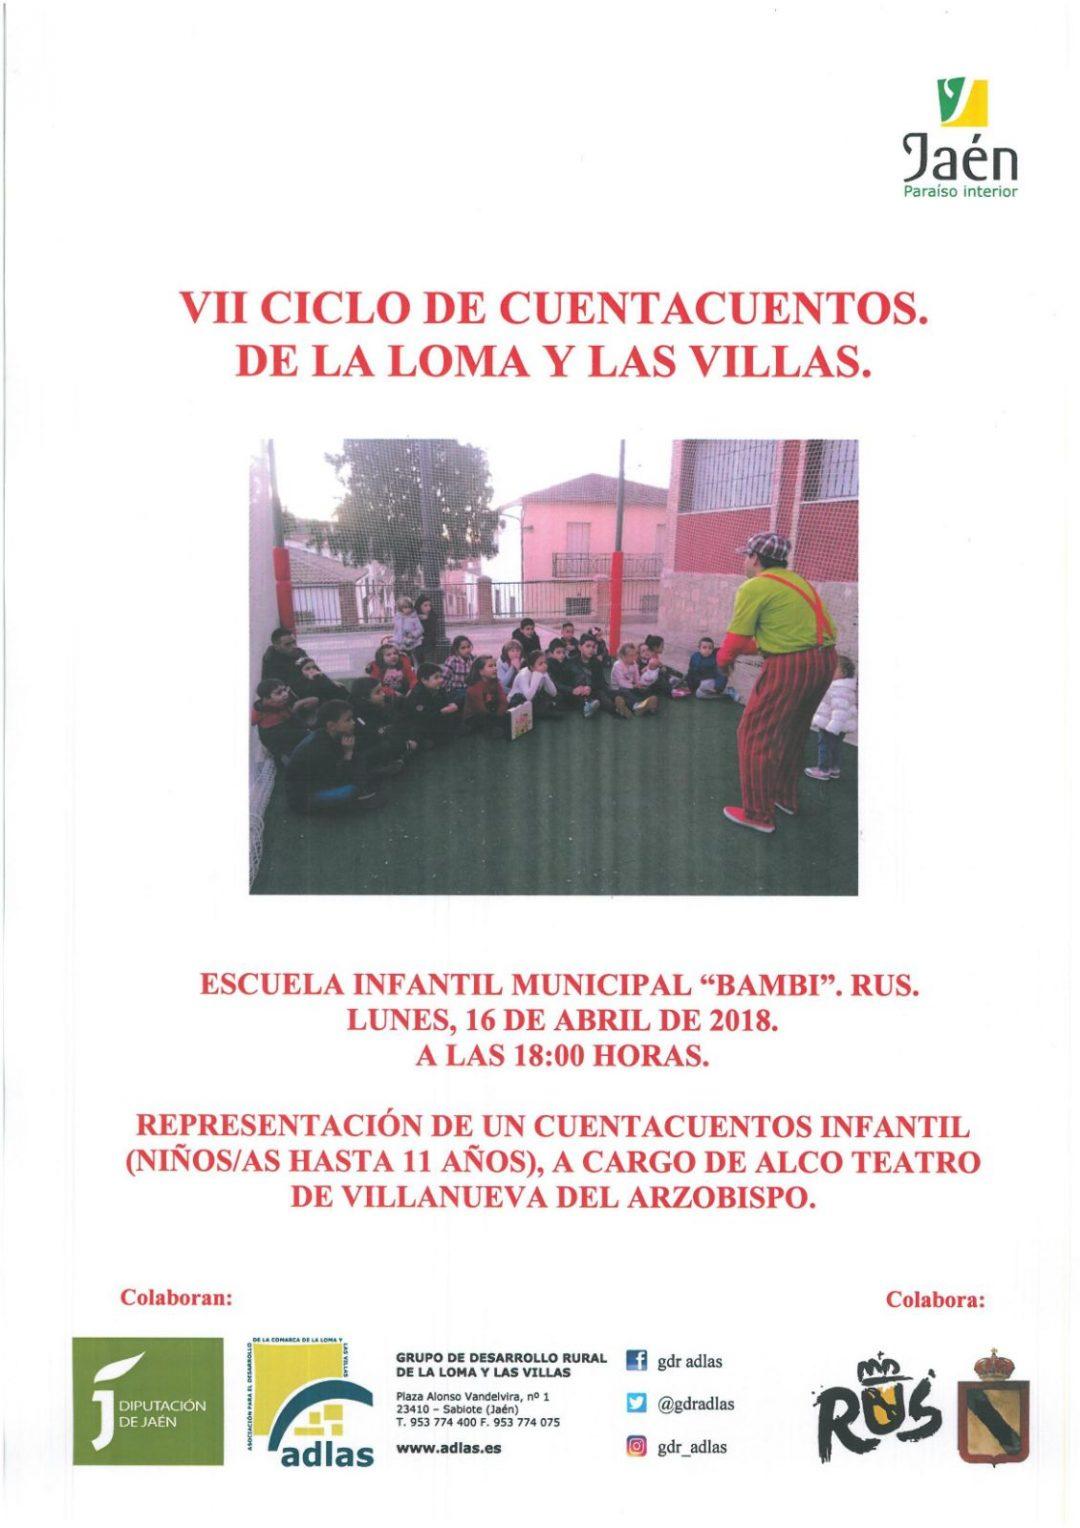 VII Ciclo de Cuentacuentos de La Loma y Las Villas